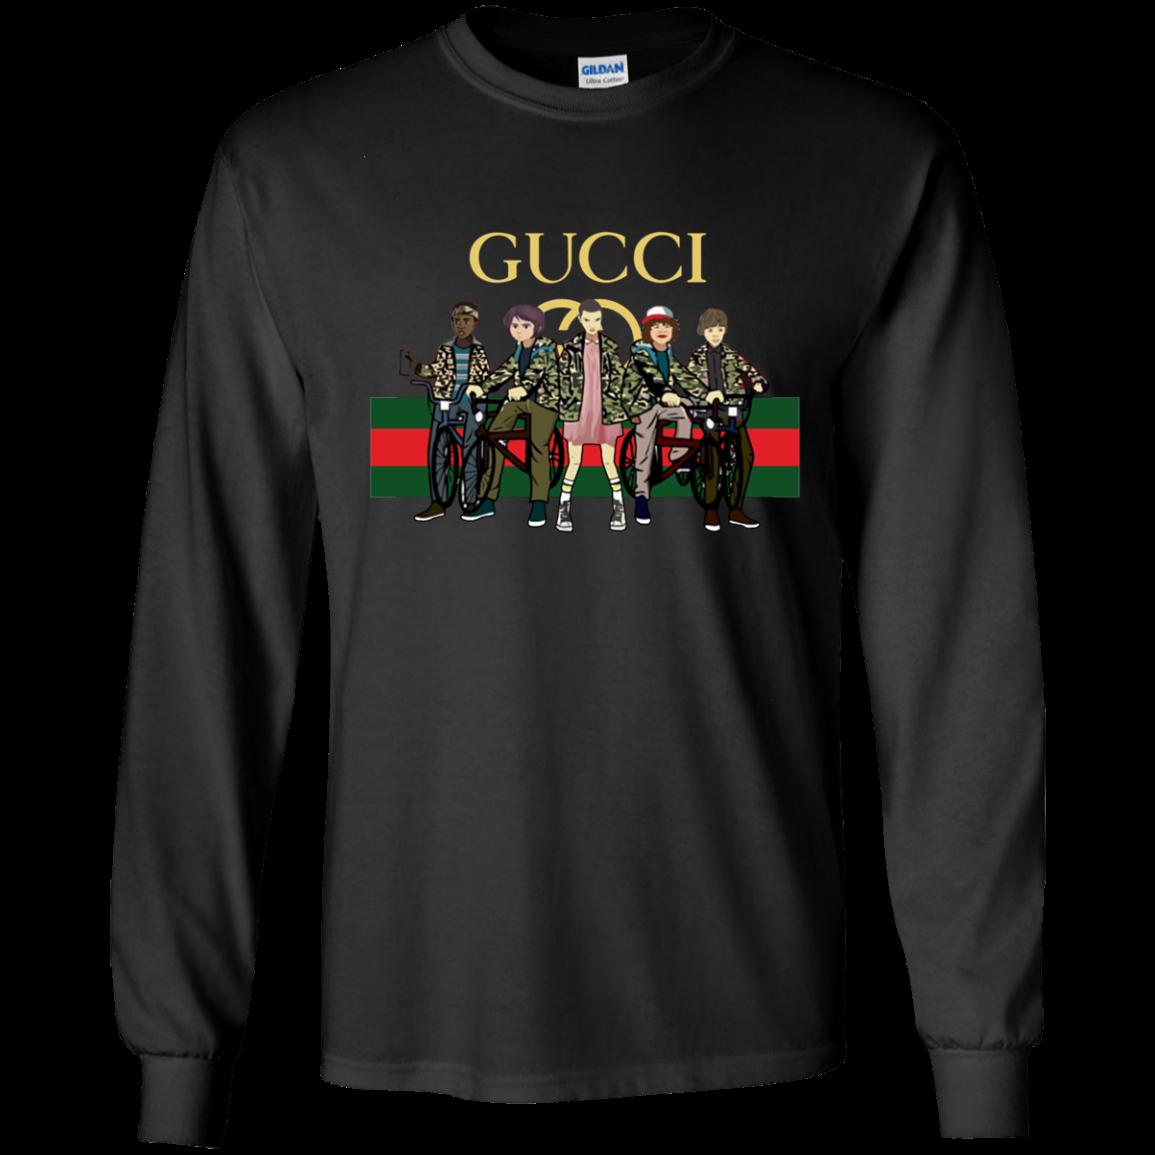 2e5b86f0d Gucci Stranger Things Best Selling T-Shirt | Stranger Things ...